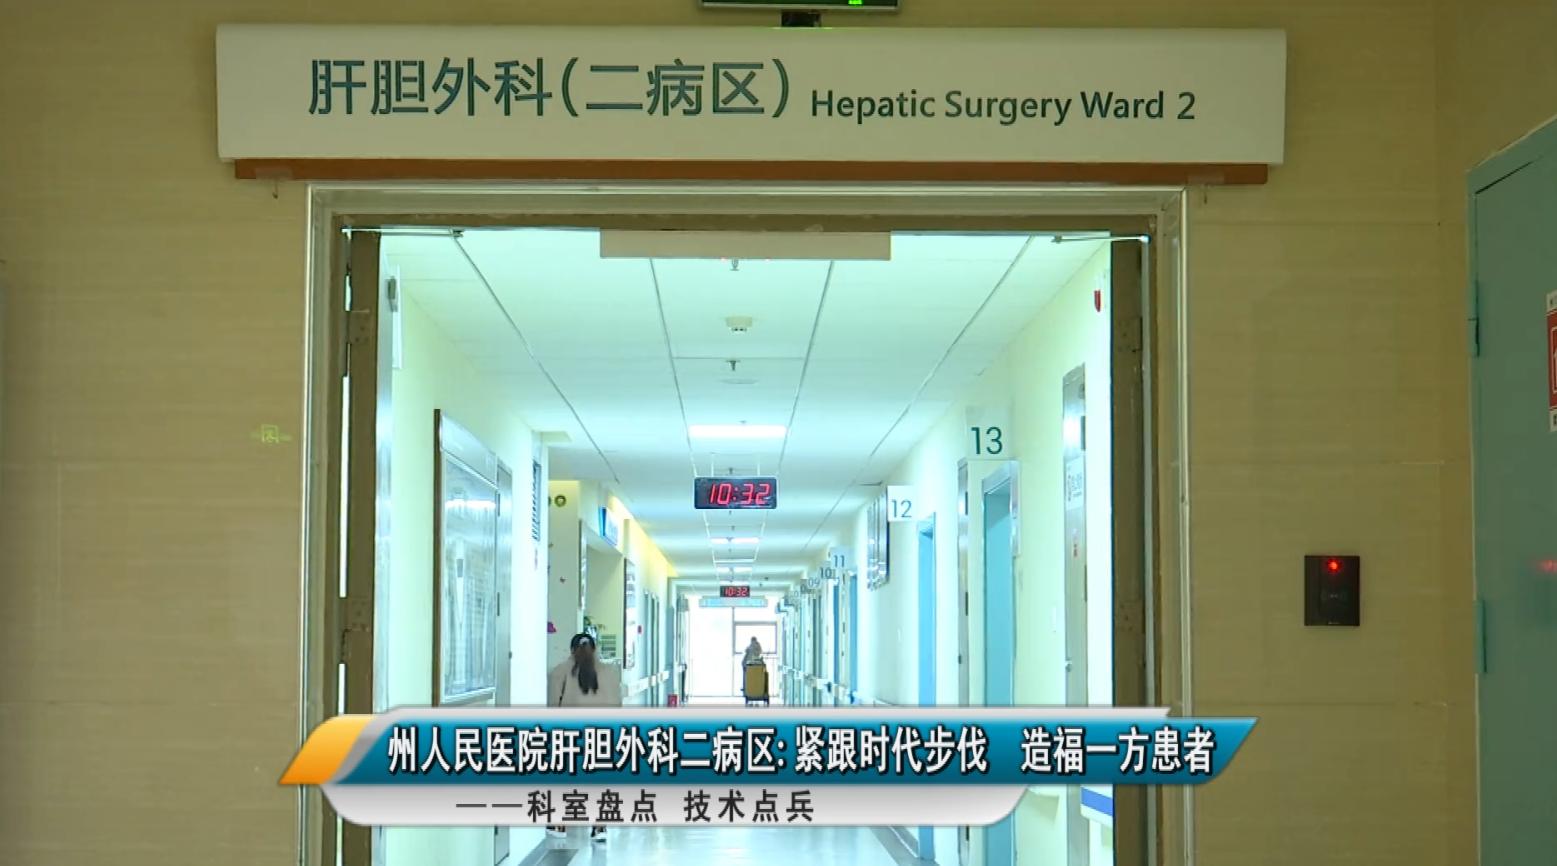 【媒体看州医】LOL雷电竞雷电竞平台雷电竞地址肝胆外科二病区——紧跟时代步伐,造福一方患者